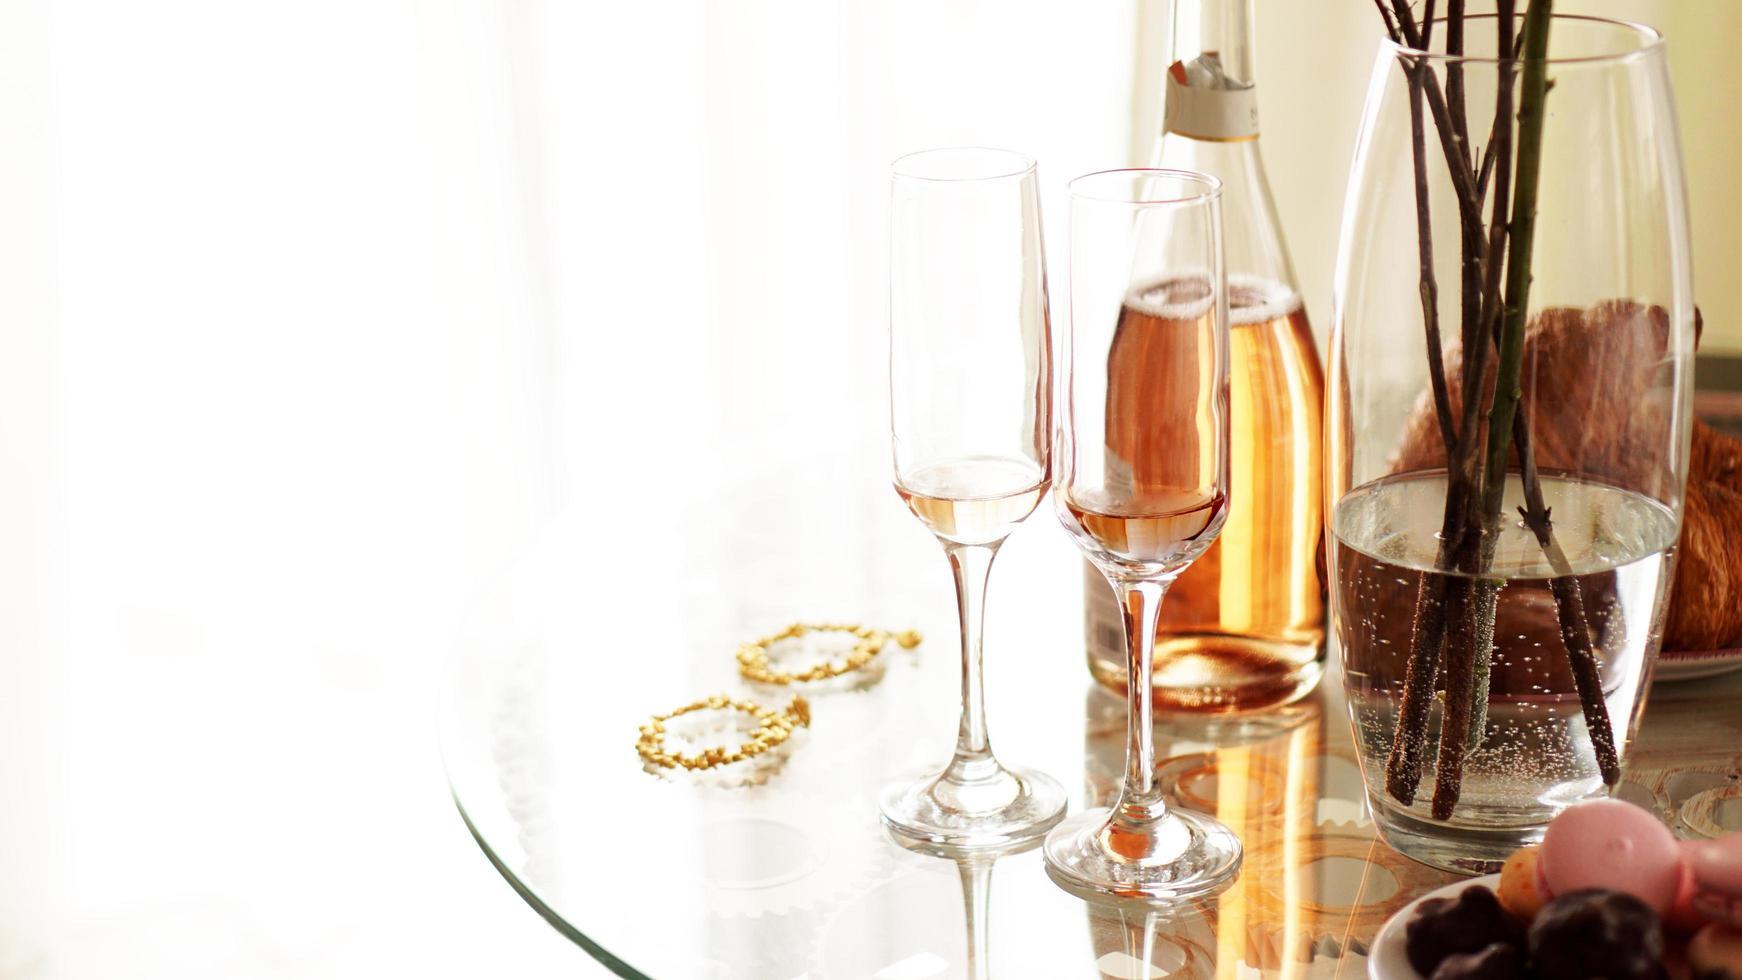 Glastisch auf hellem Hintergrund. zwei Gläser und eine Flasche foto